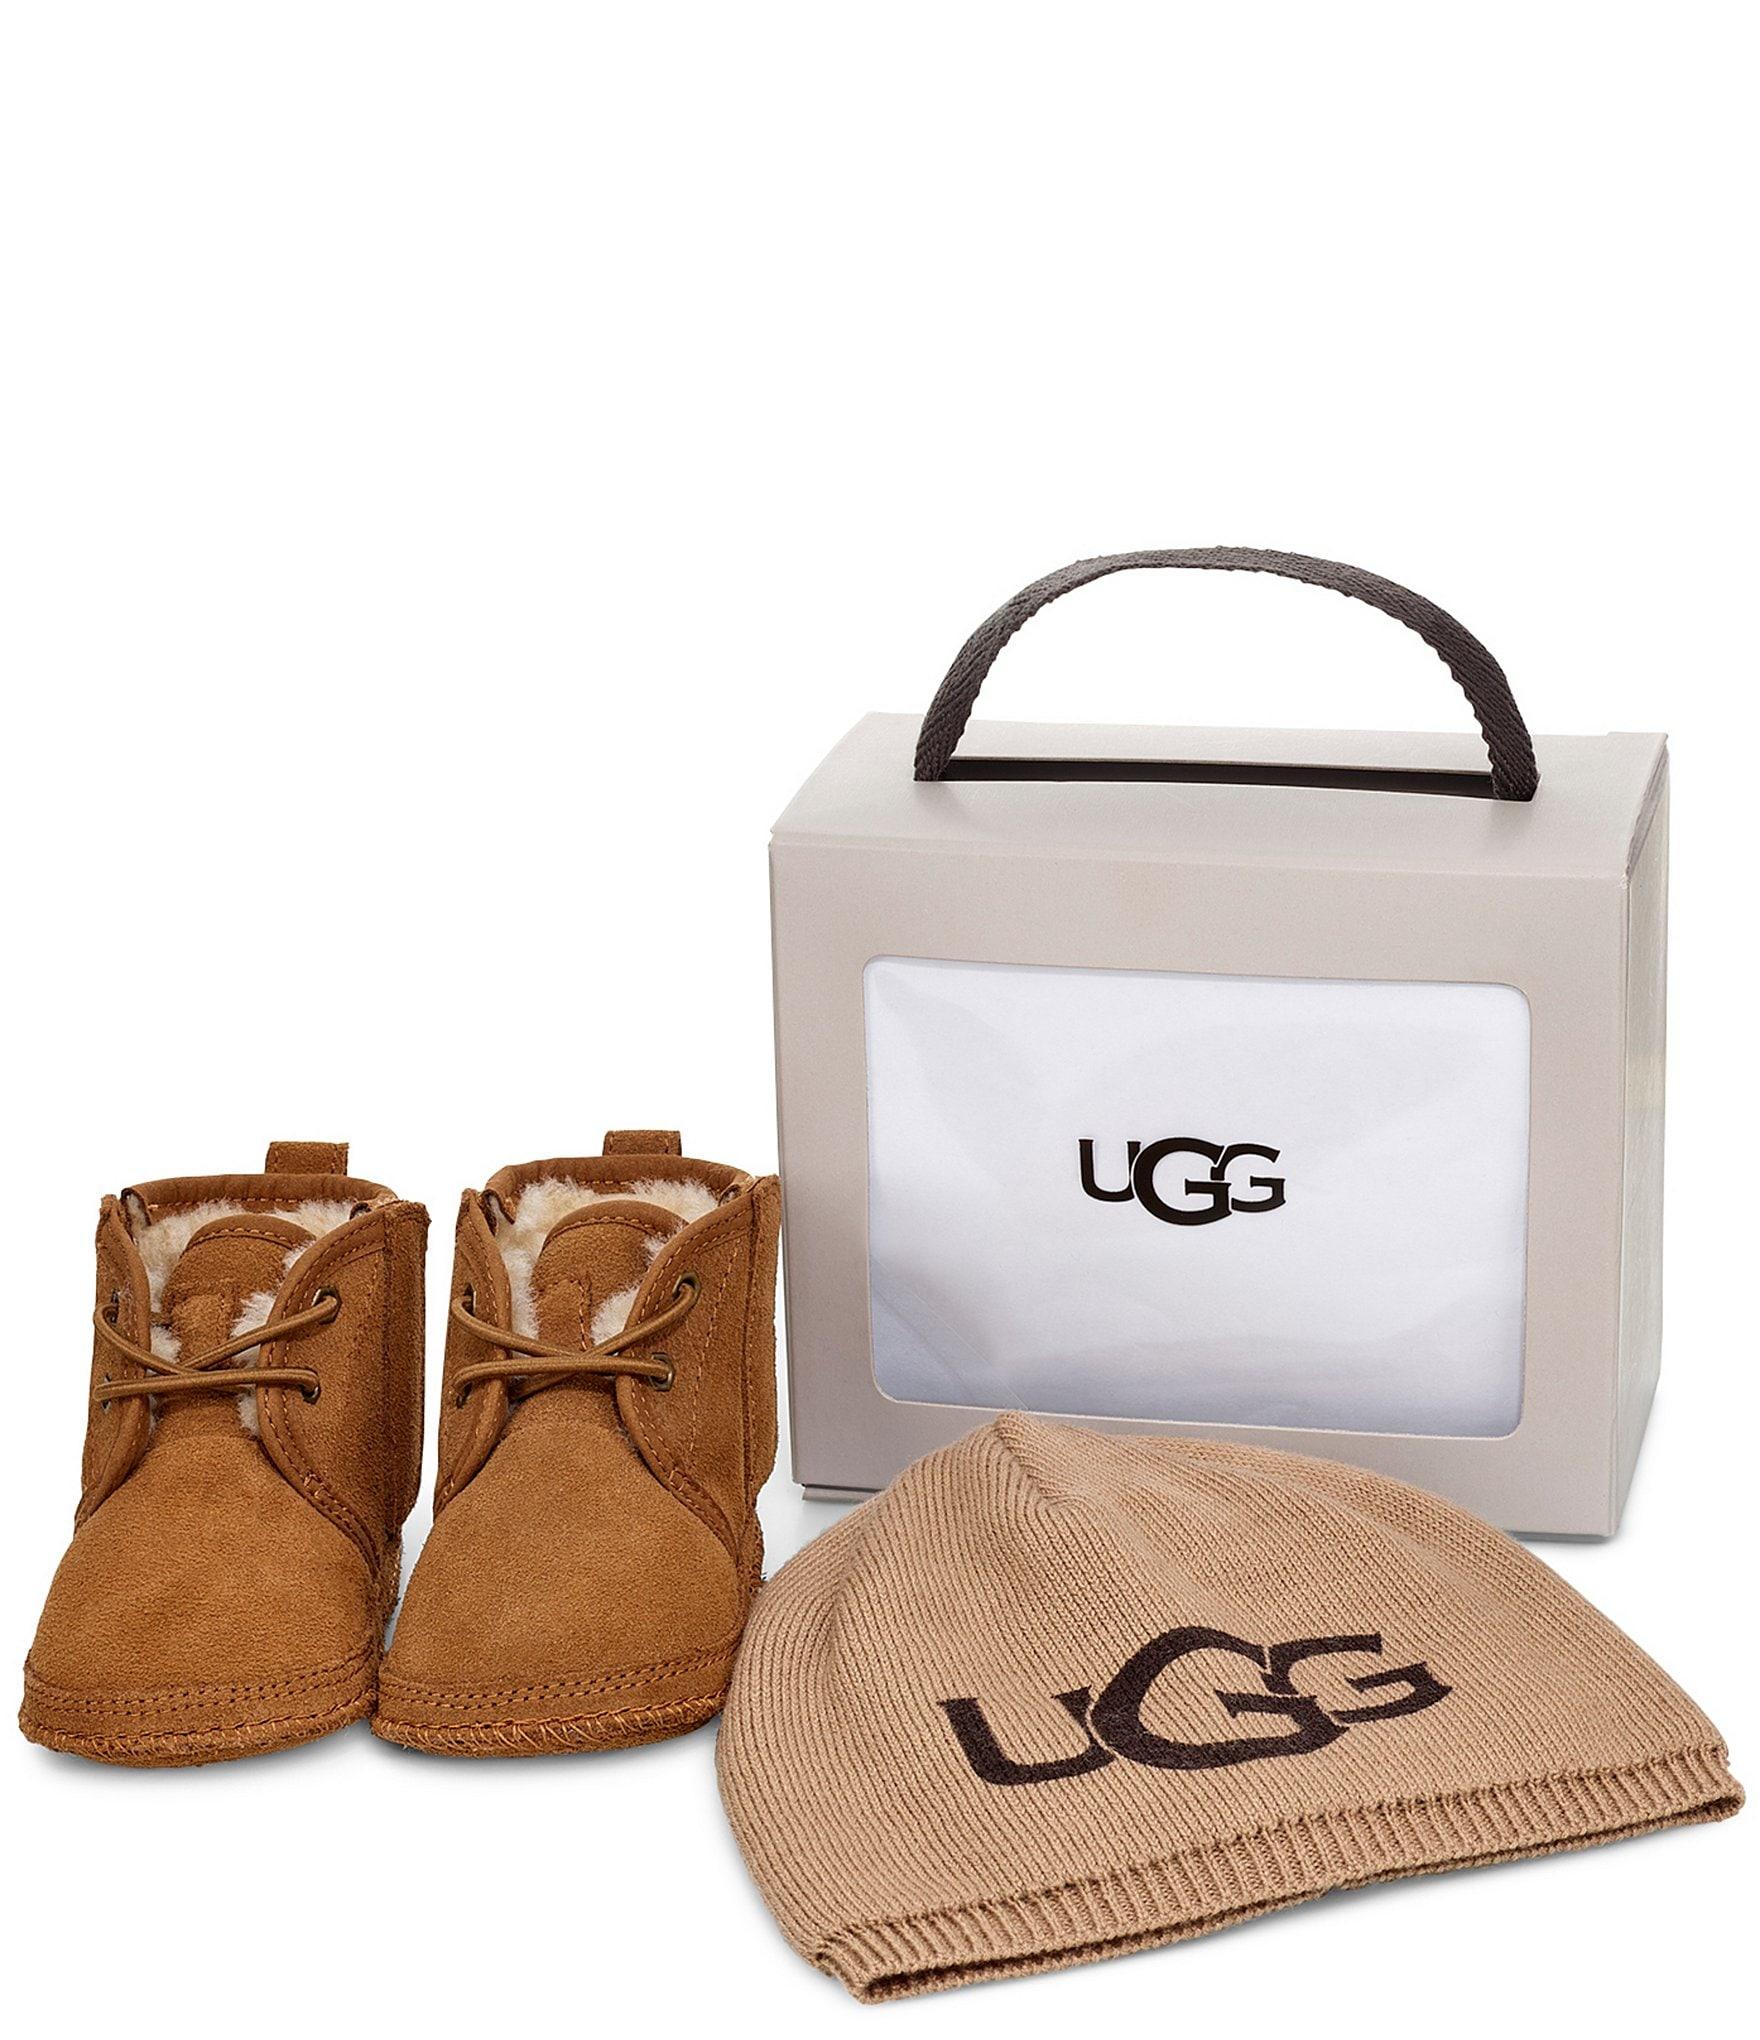 590691c1691 UGG Kids' Neumel and UGG Beanie Crib Shoe Gift Set